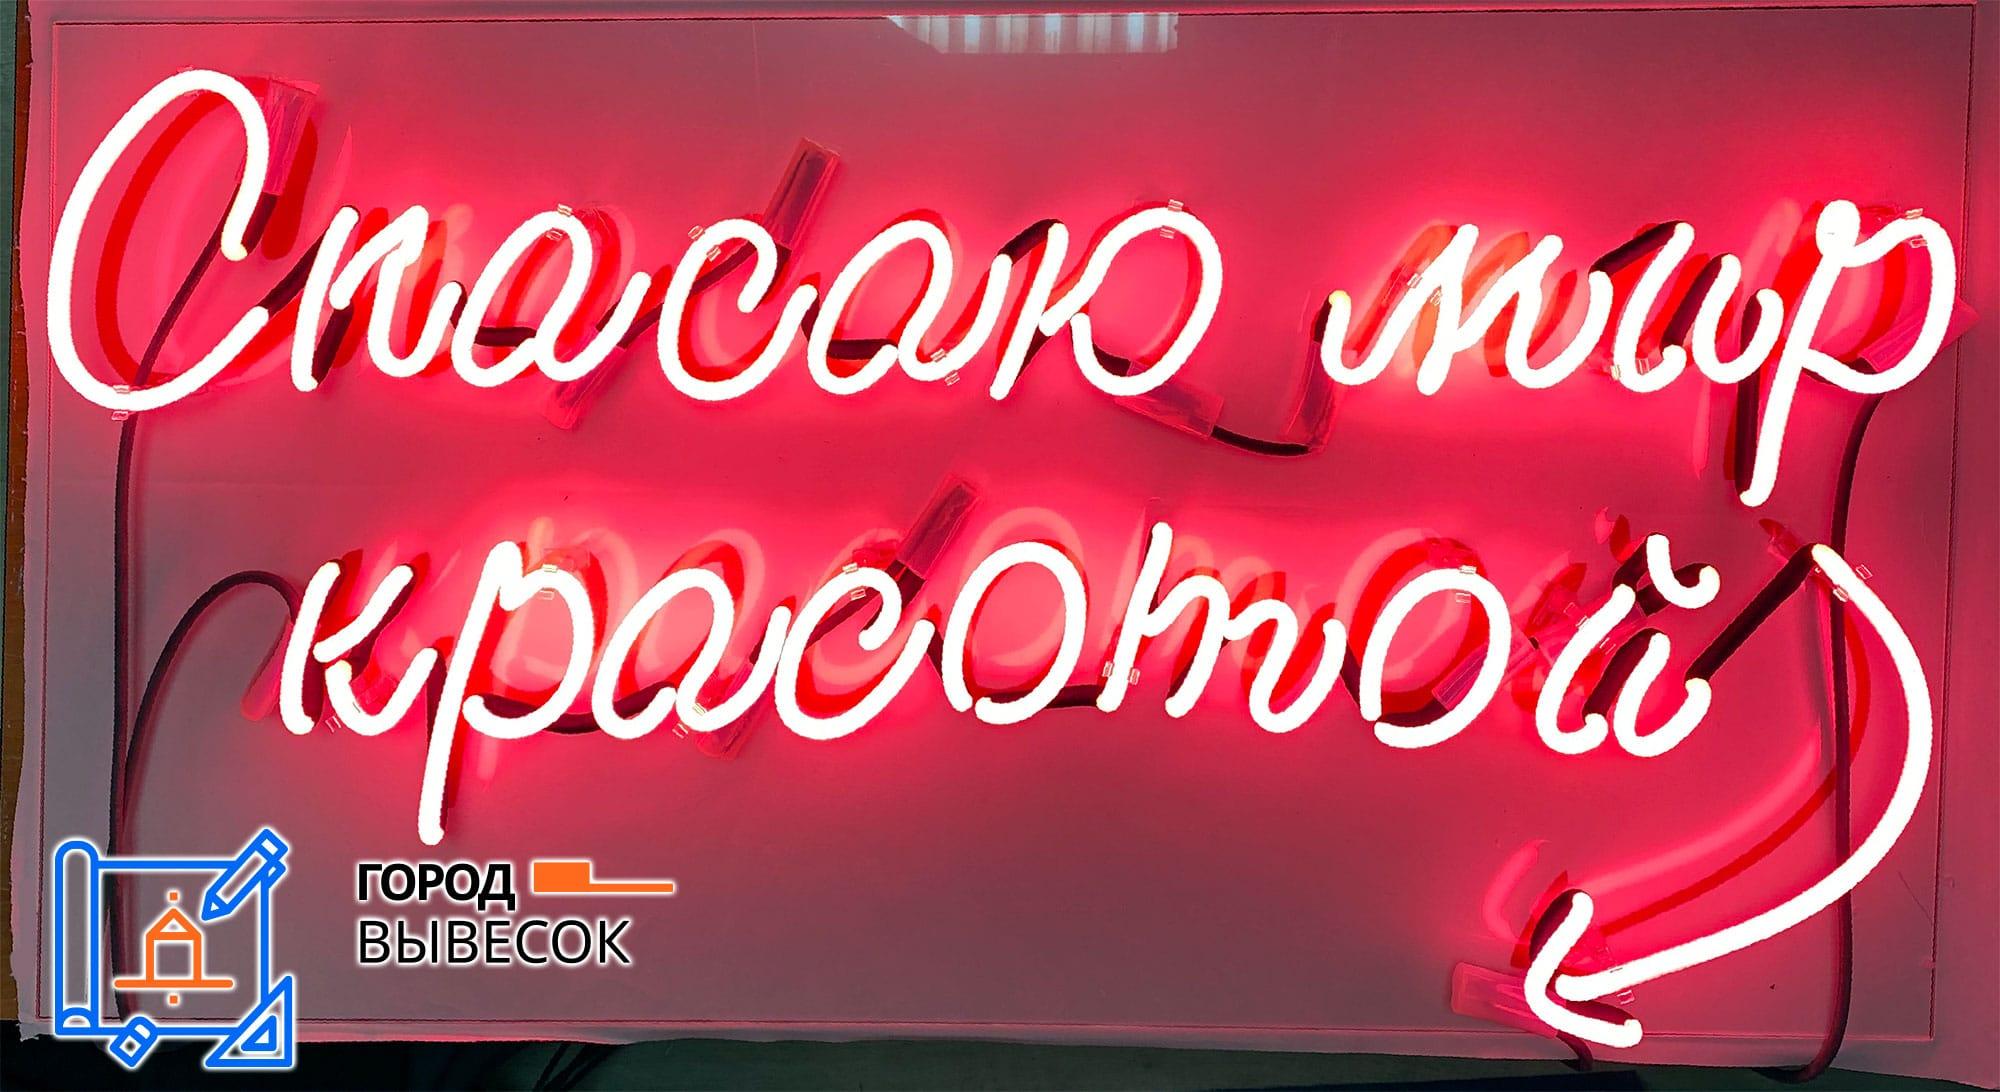 неоновая-вывеска-спасаю-мир-красотой-Воронеж